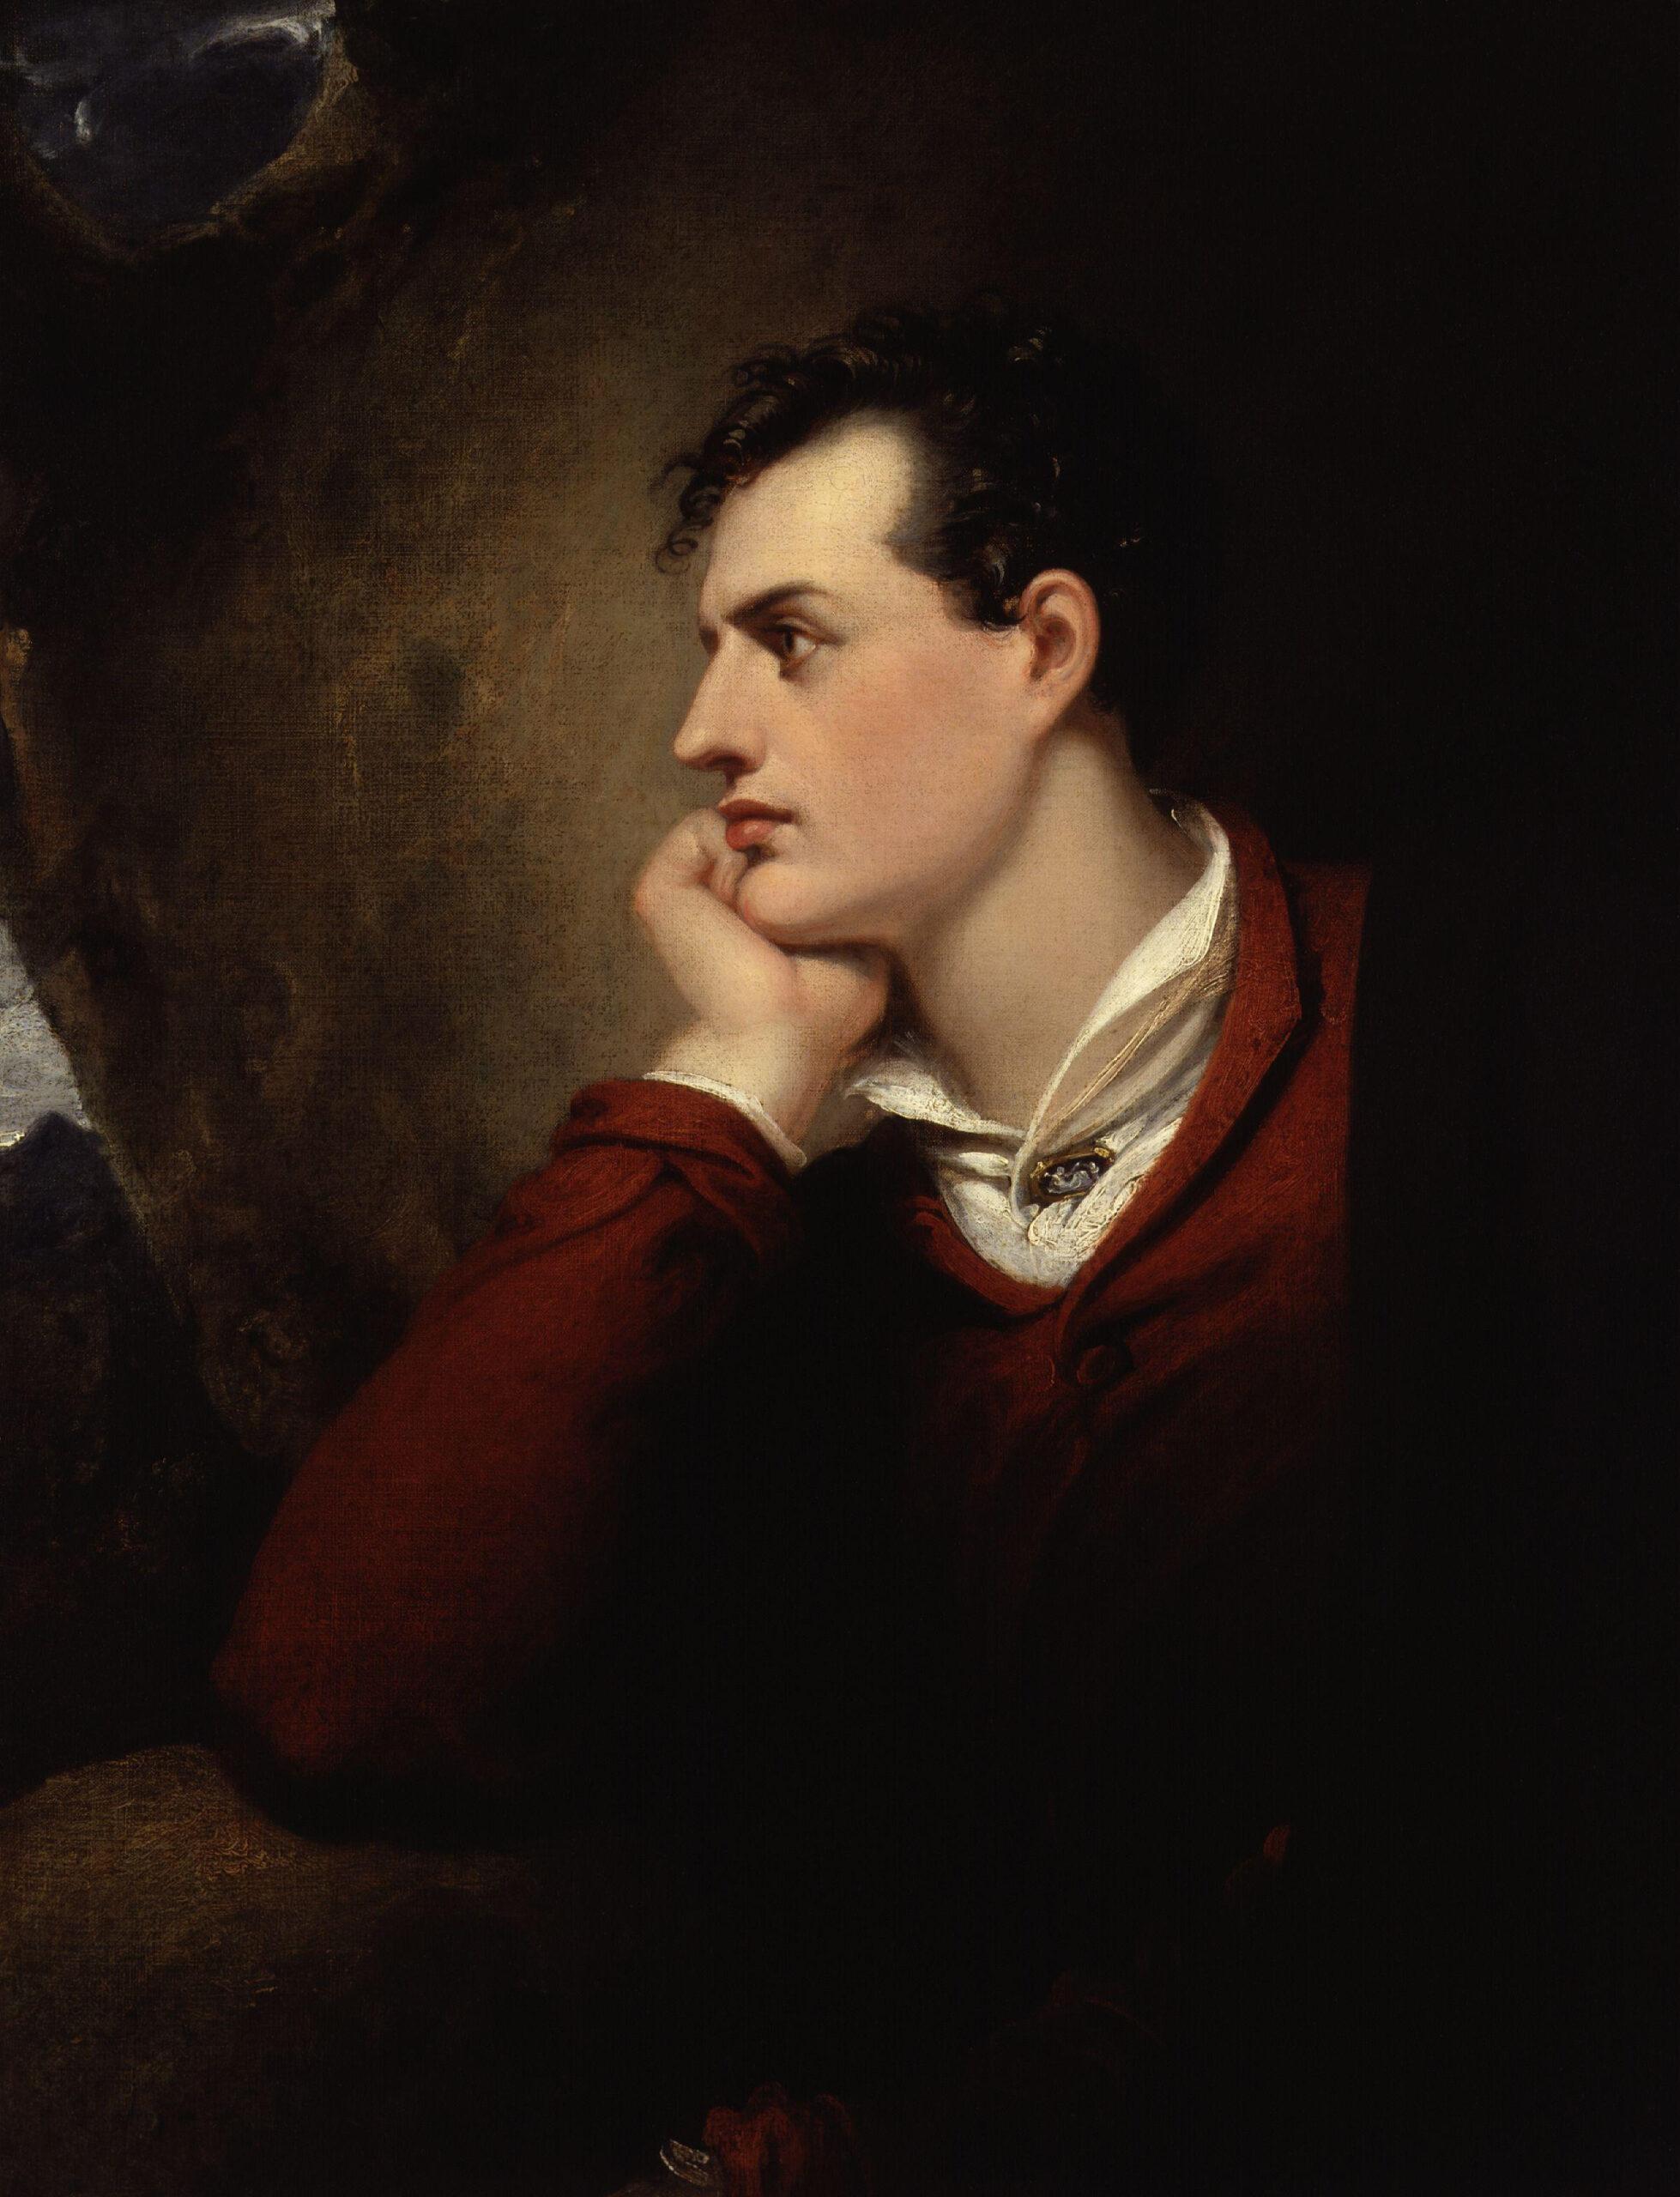 George Gordon Byron, 6th Baron Byron, porträtt av konstnären Richard Westall.